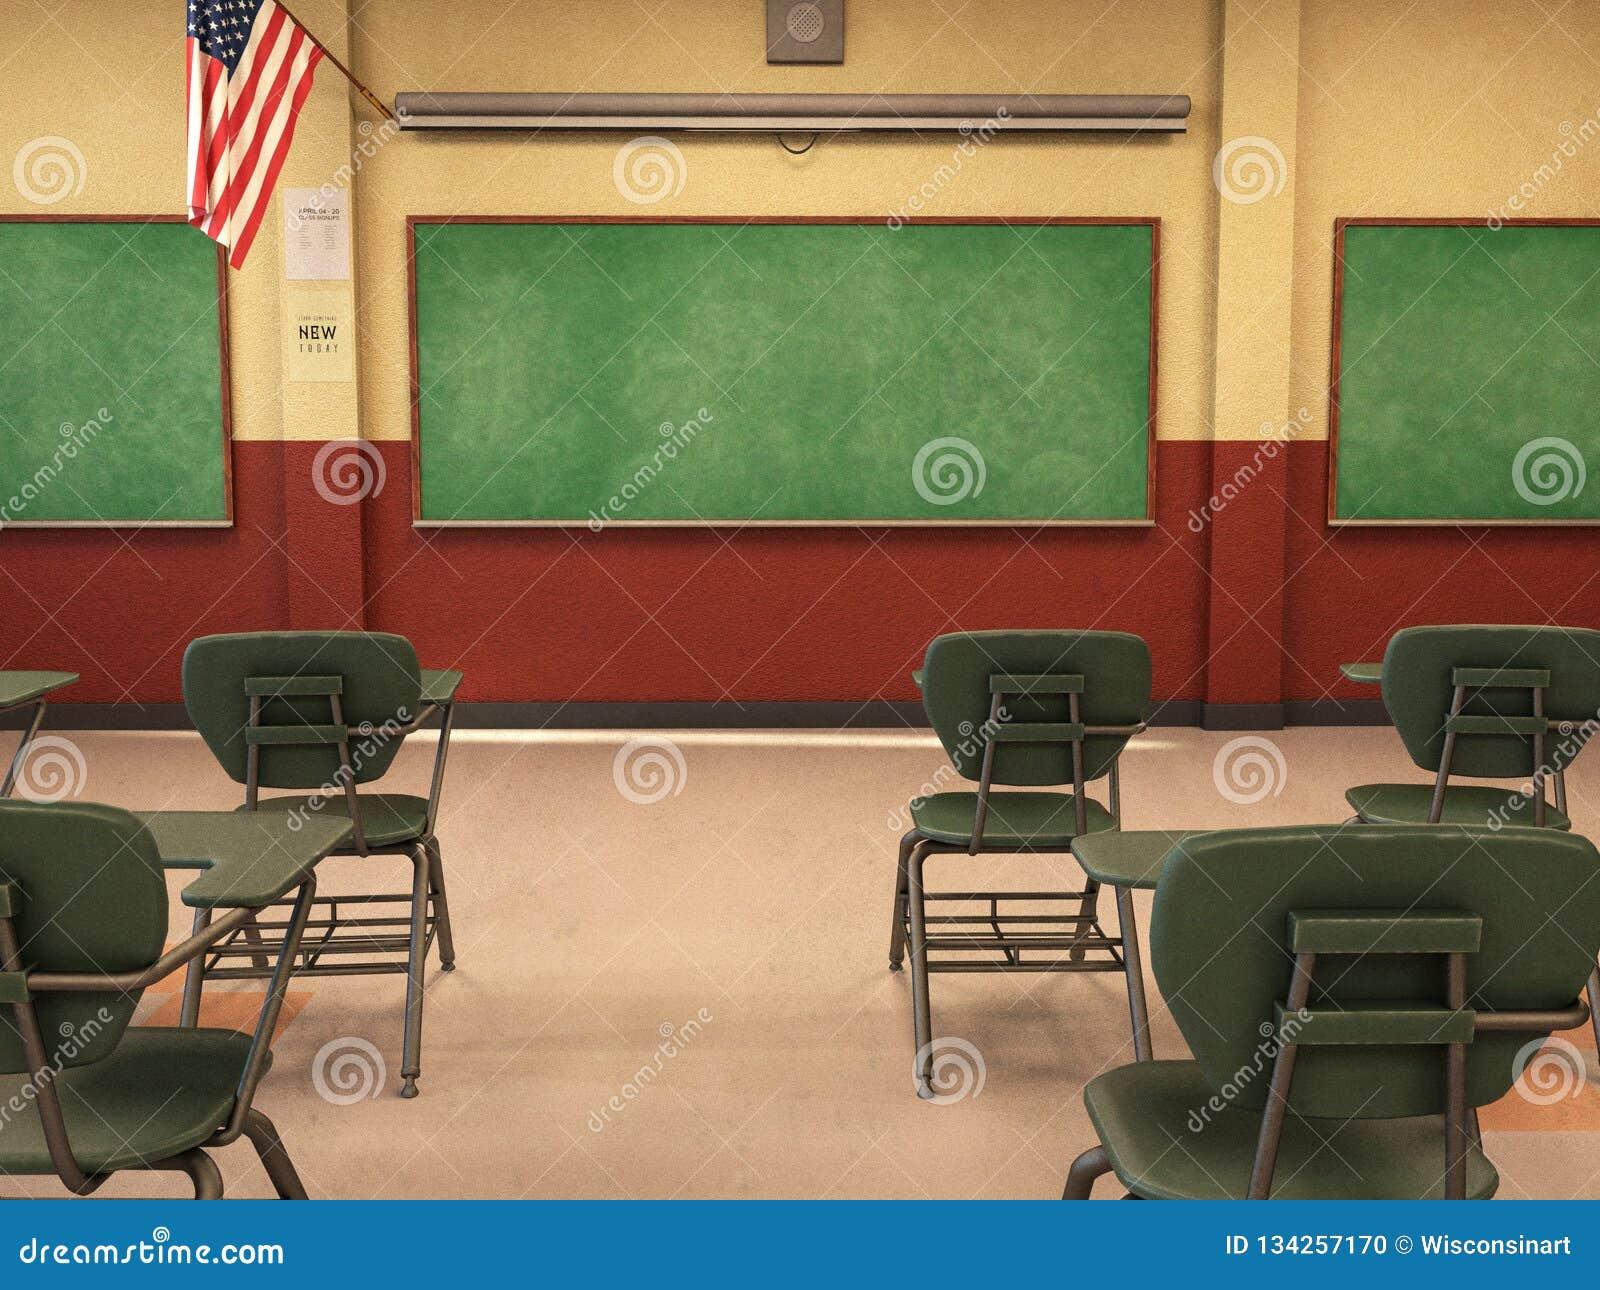 Schoolklaslokaal, Bord, Bureaus, Onderwijs